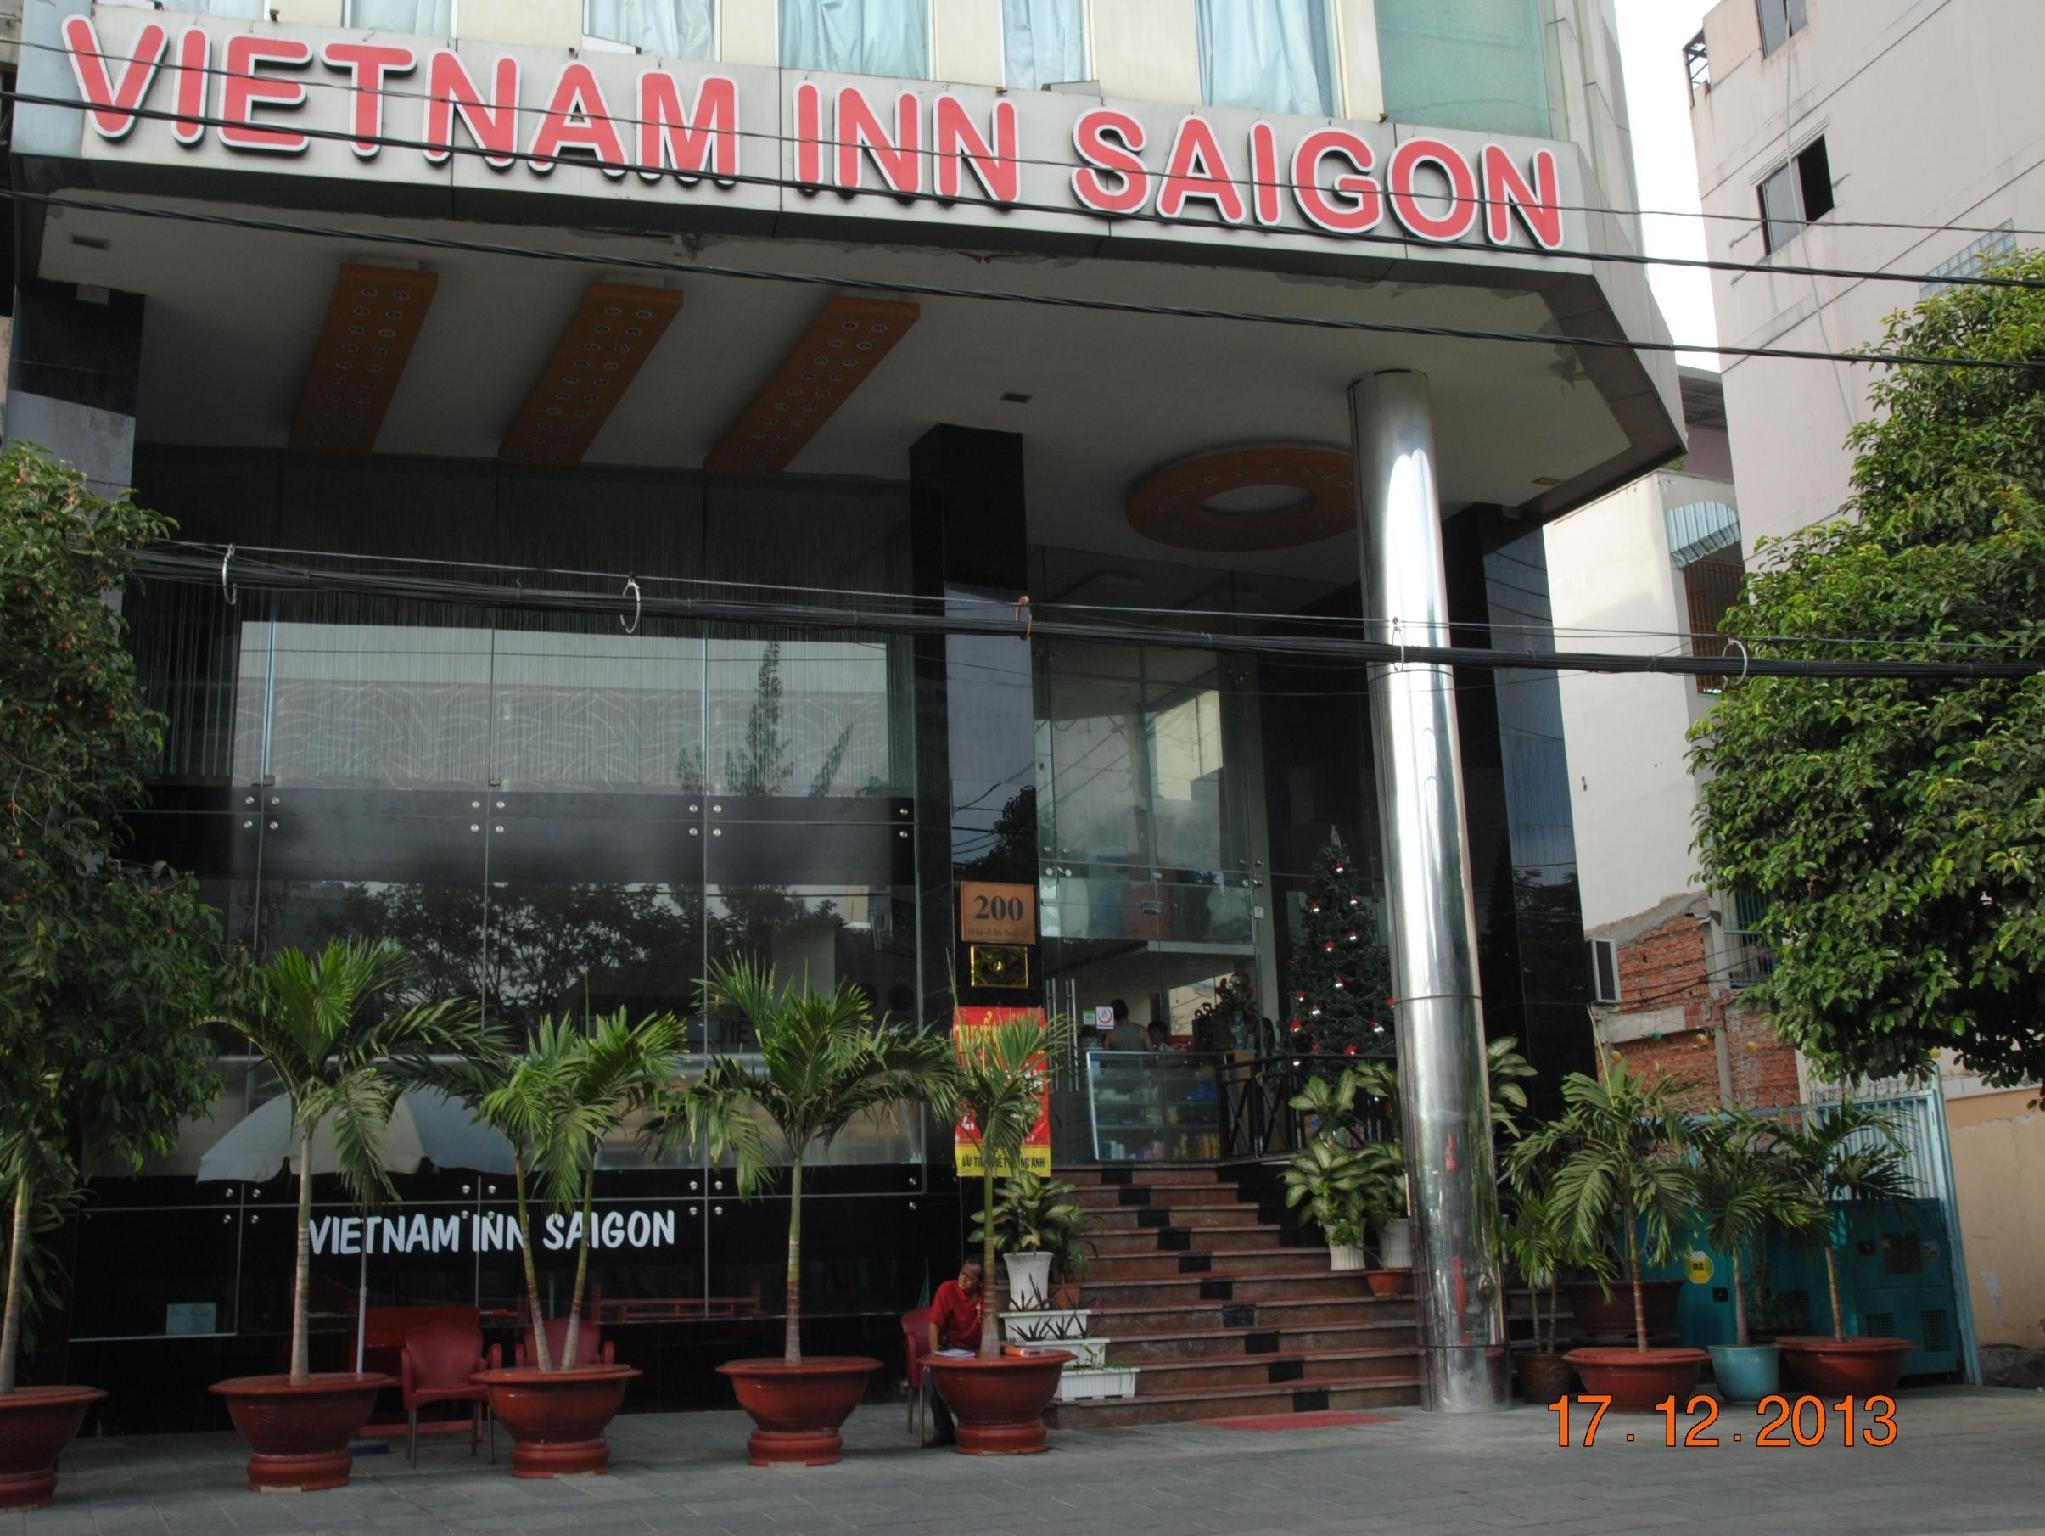 Vietnam Inn Saigon - Hotell och Boende i Vietnam , Ho Chi Minh City